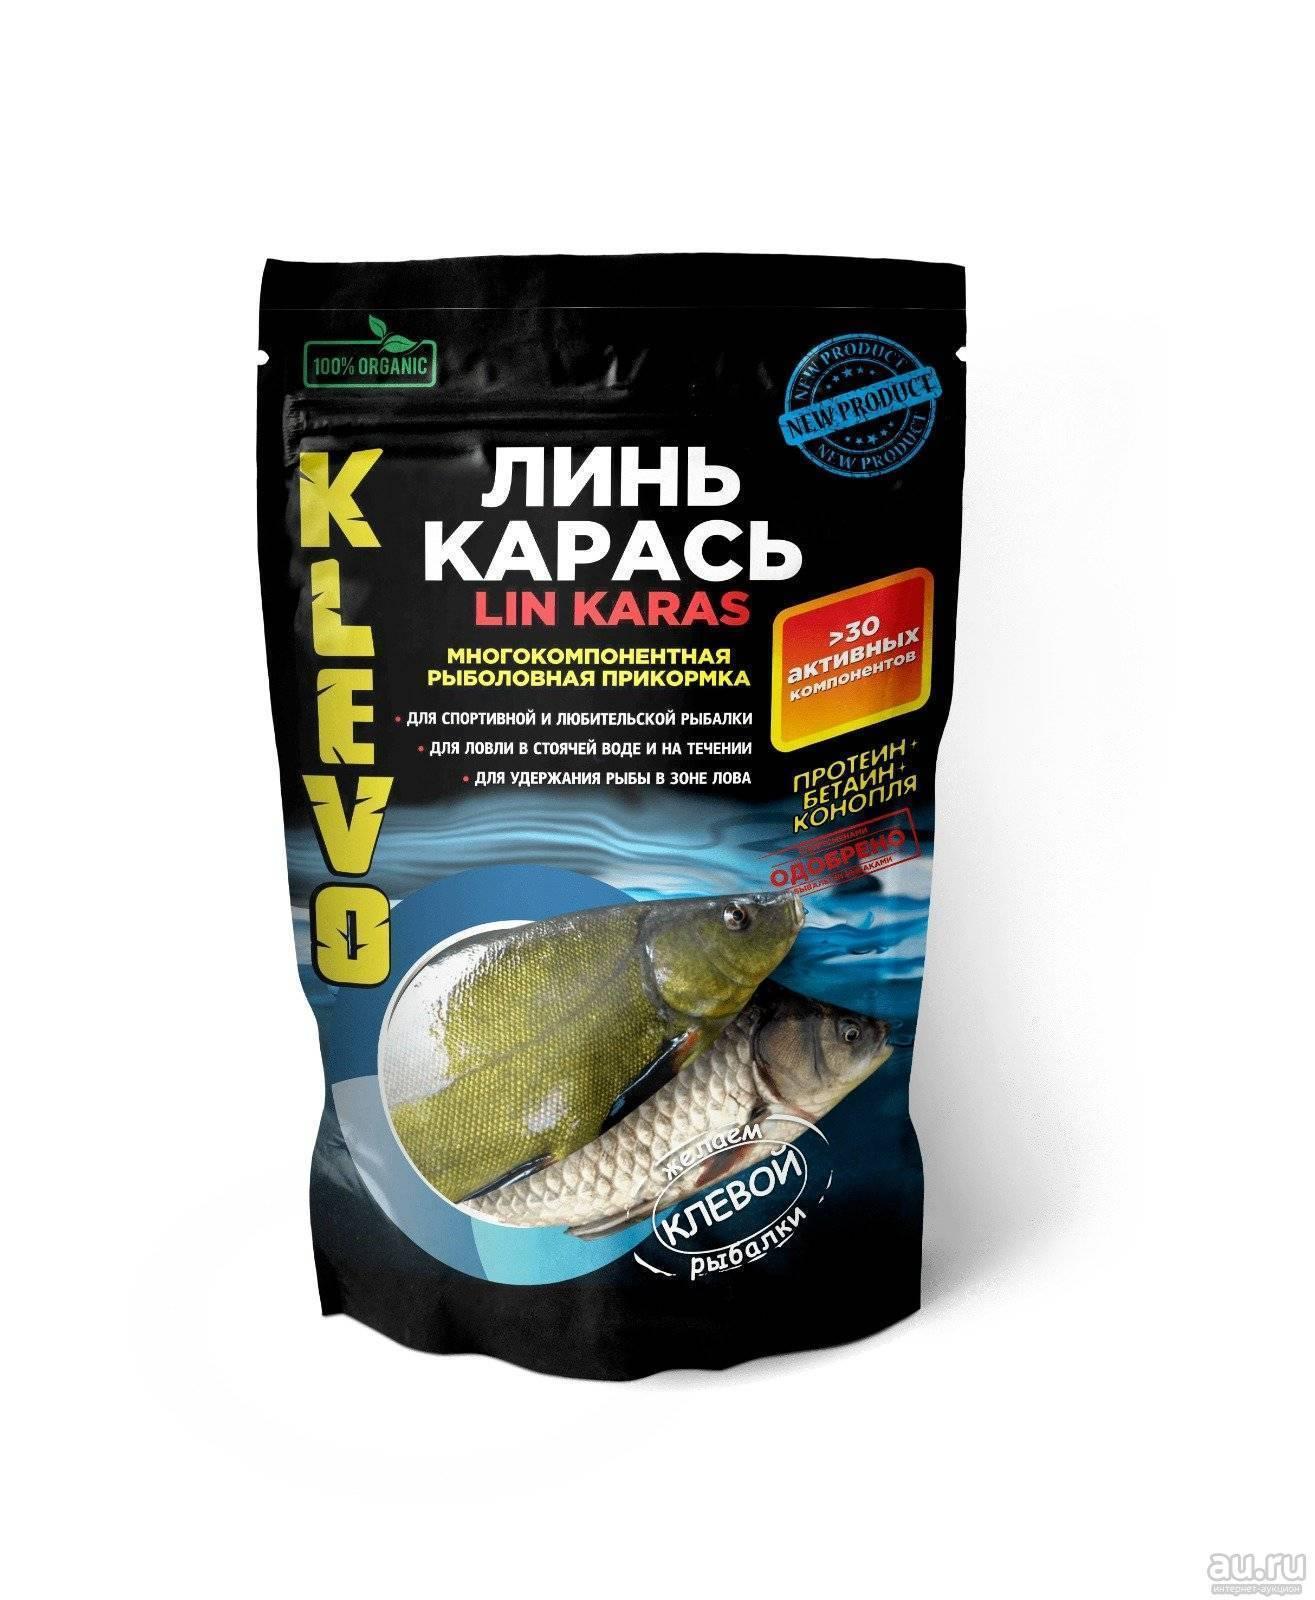 Как приготовить прикормку для рыбы — информация для рыбаков и рецепты своими руками